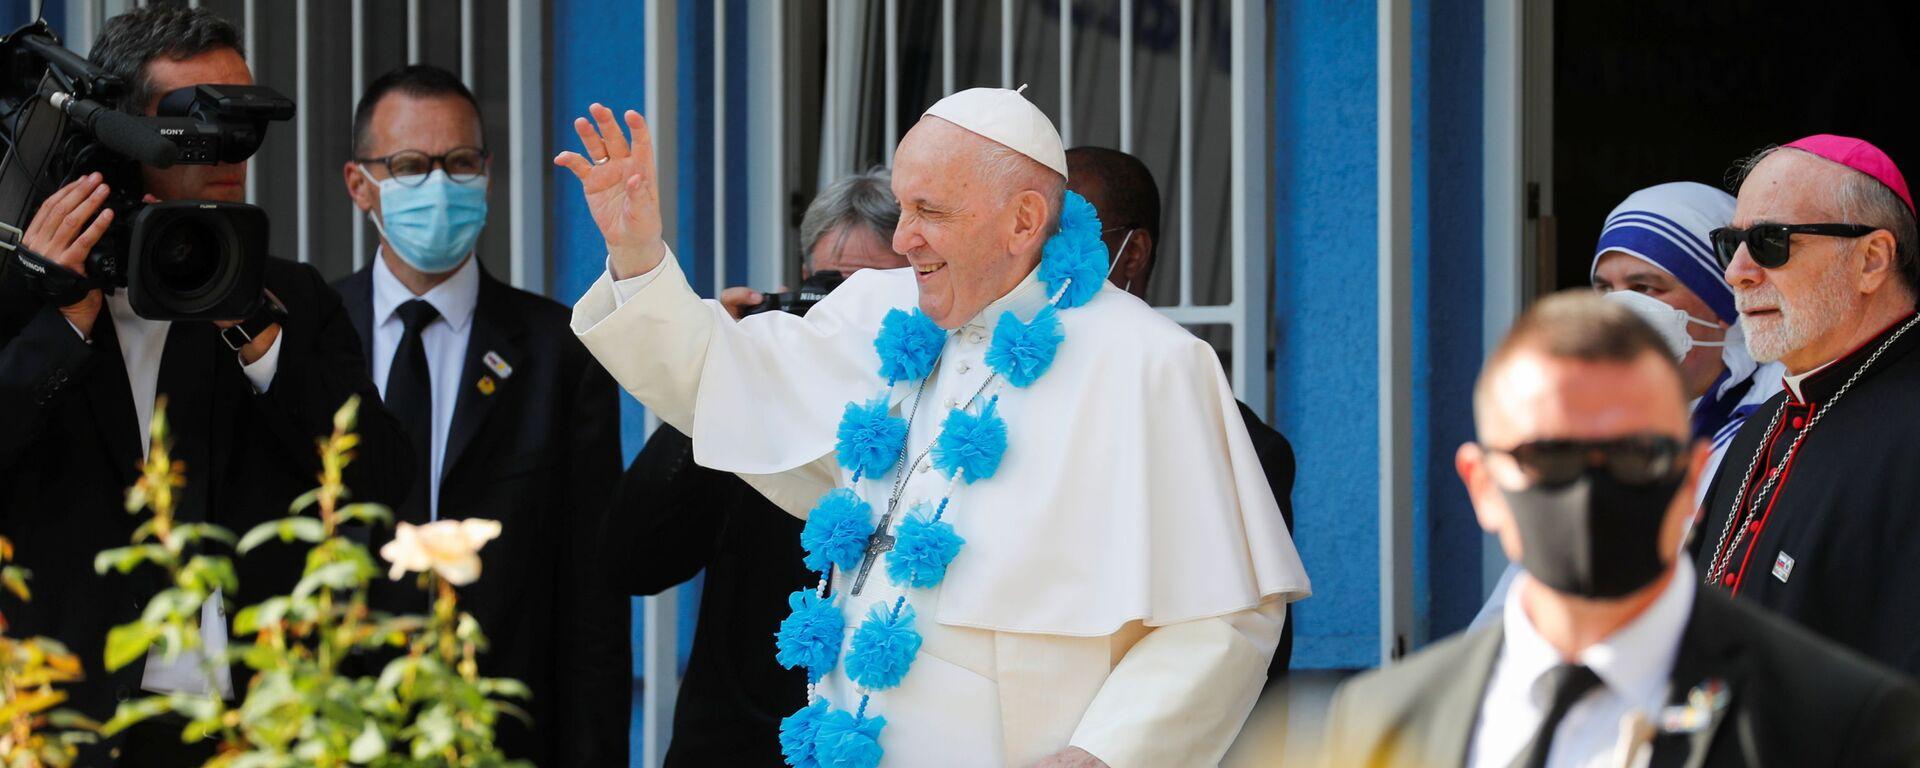 Papež František při návštěvě Betlémského centra v Bratislavě na Slovensku - Sputnik Česká republika, 1920, 14.09.2021